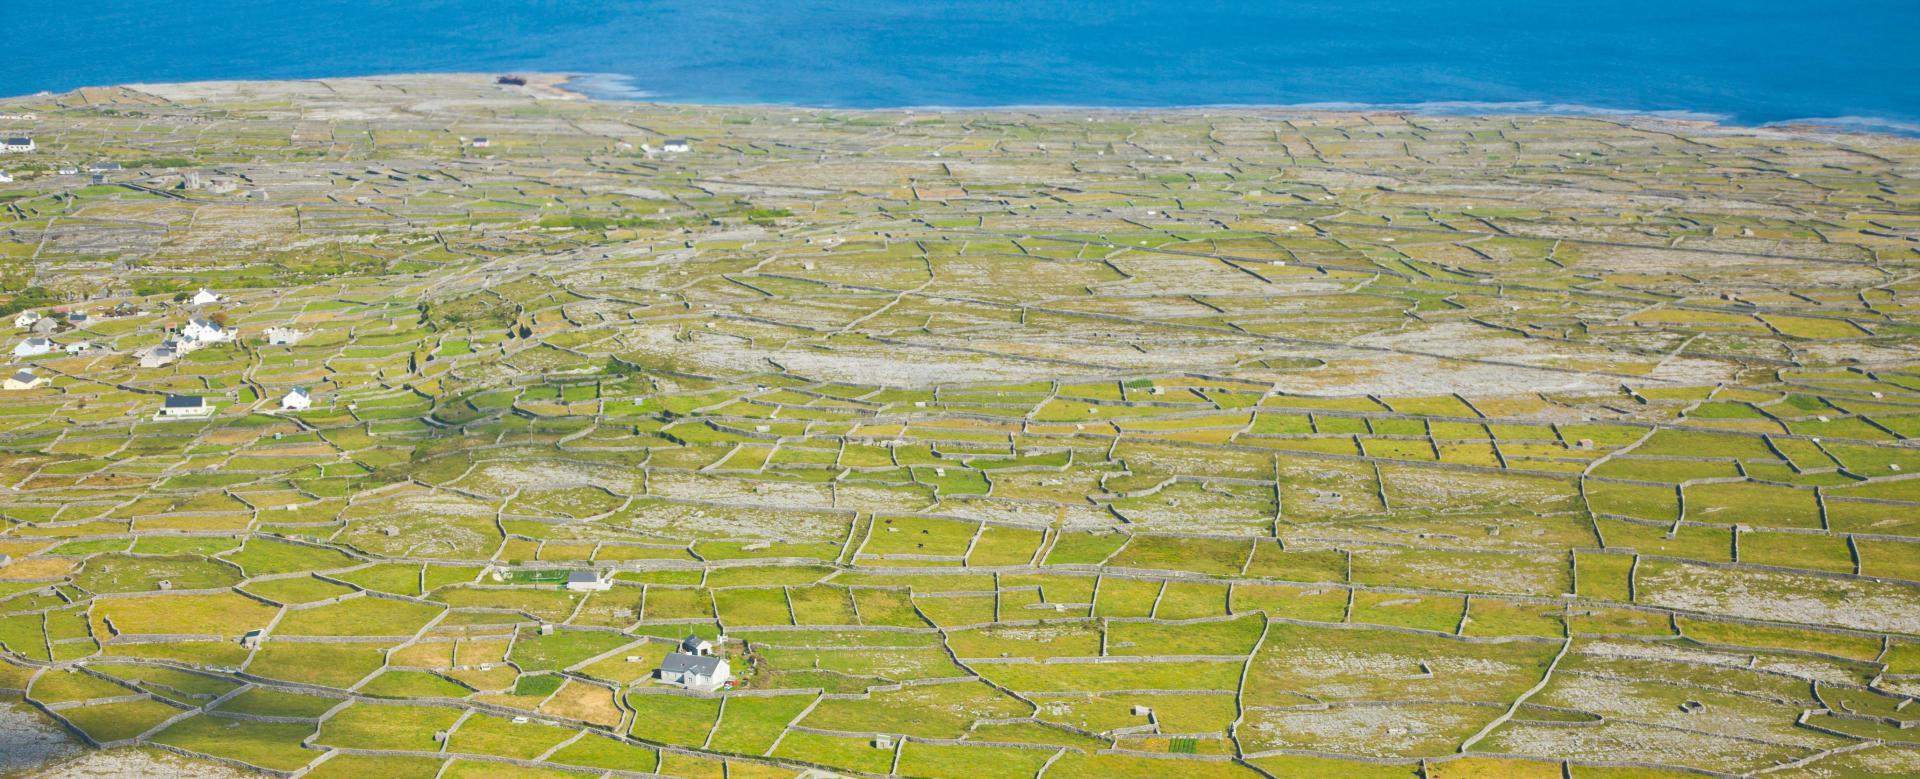 Voyage à pied : Le connemara et ses îles en 8 jours